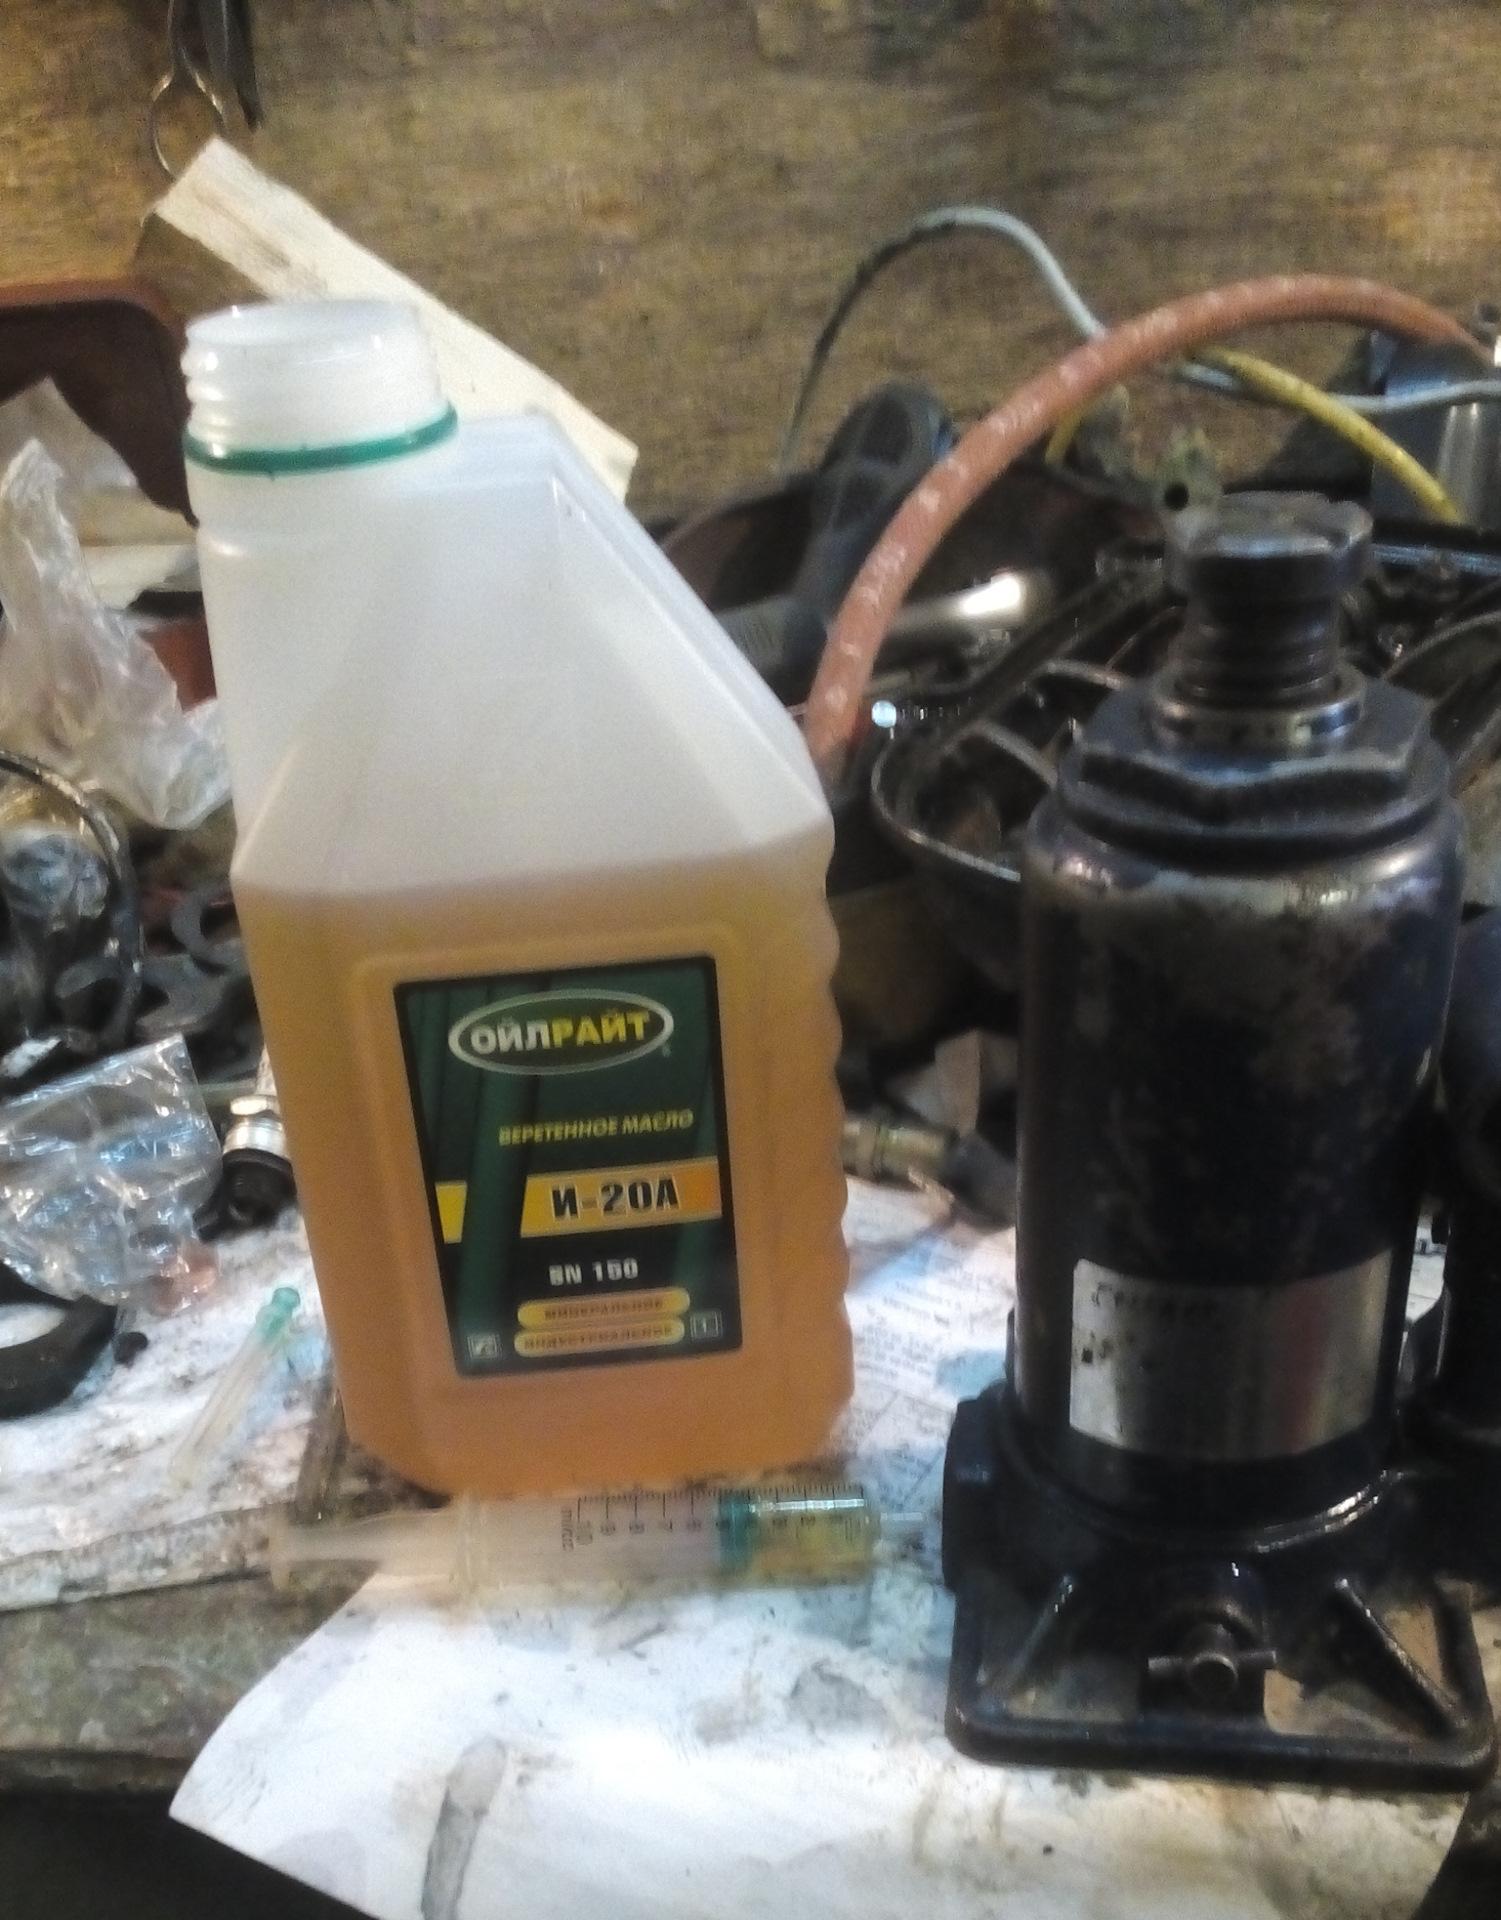 Масло для гидравлического домкрата: какое заливать в подкатной и бутылочный домкрат? можно ли лить тормозную жидкость?